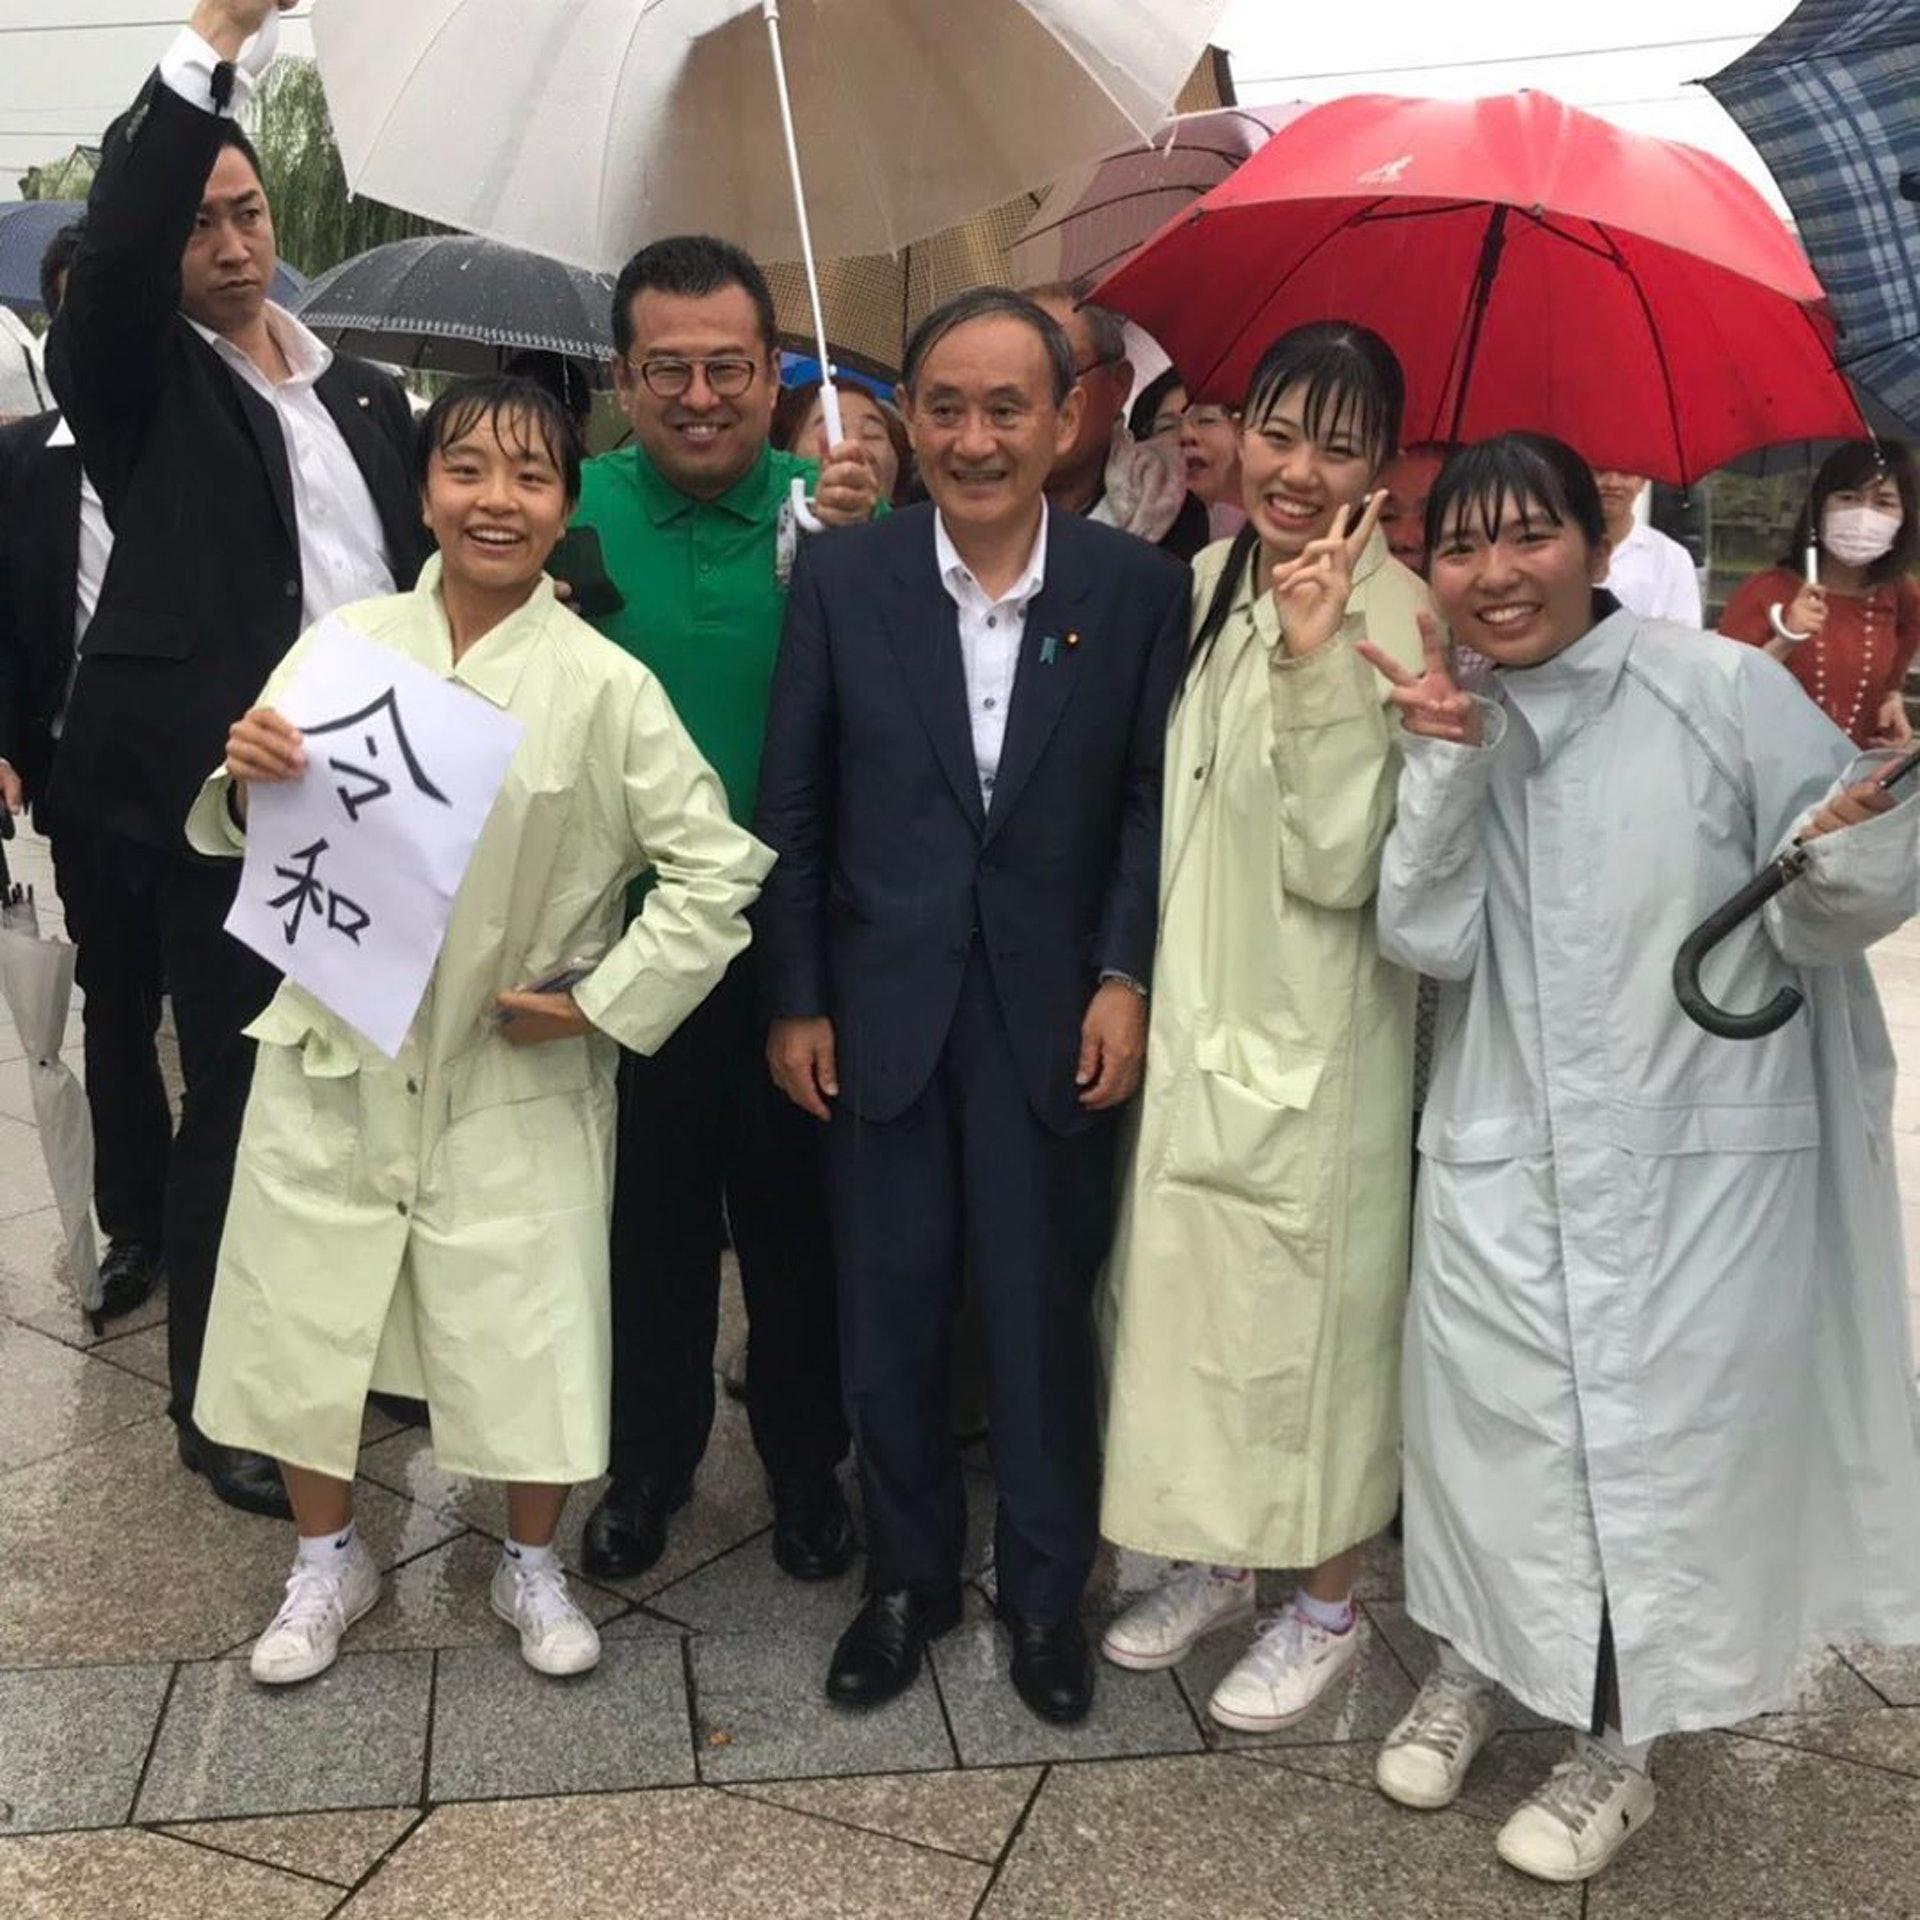 新任首相菅义伟:木讷大叔农家子之逆袭 胜在够贴地